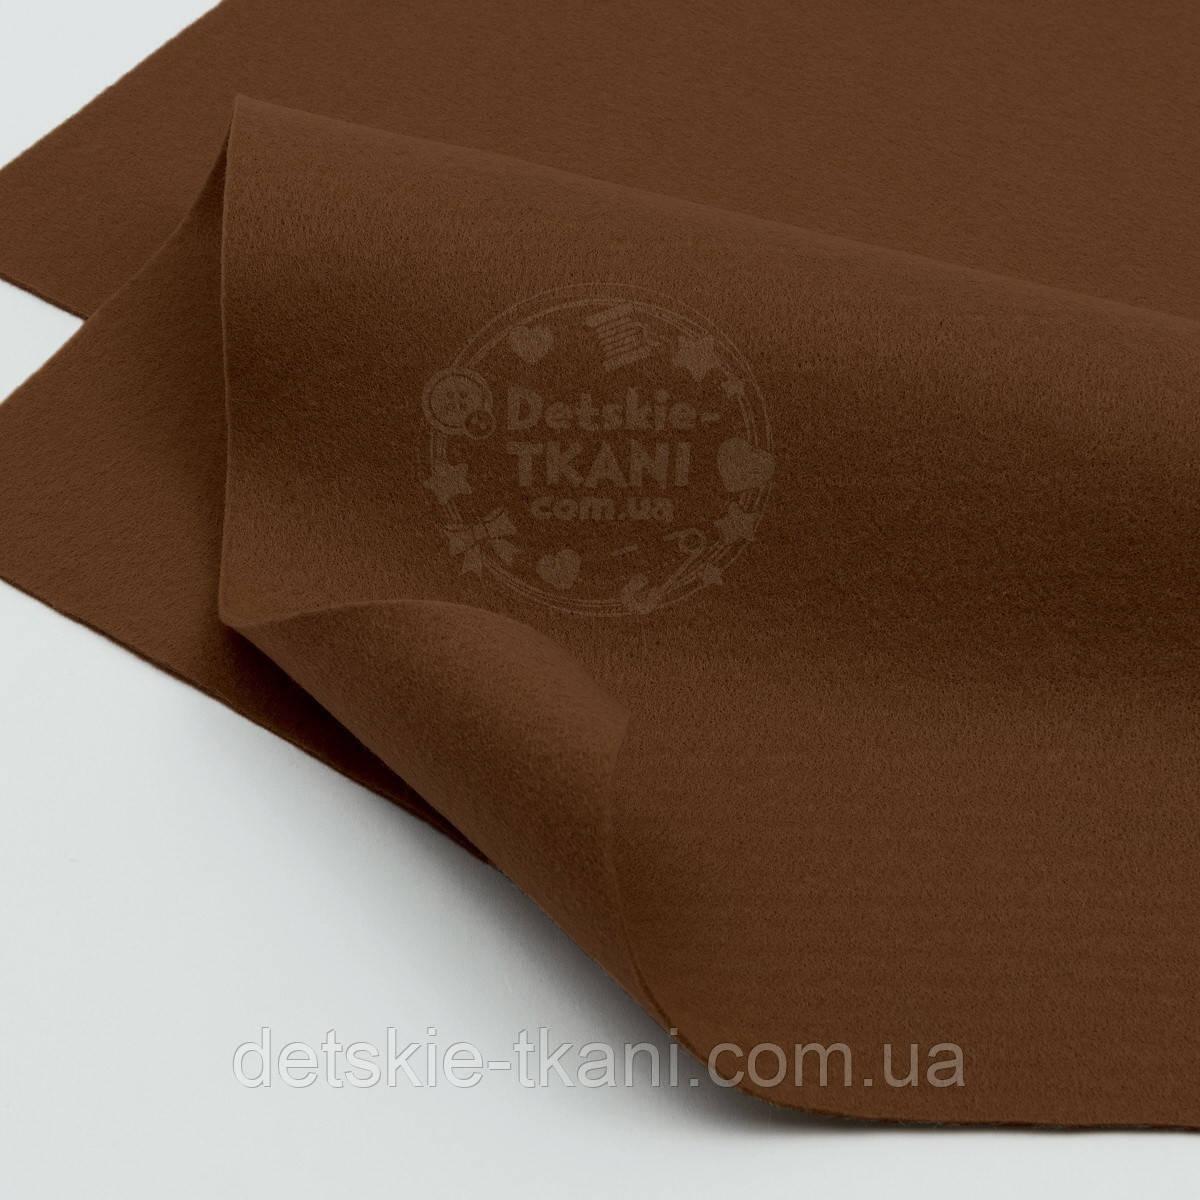 Мягкий листовой фетр коричневого цвета 20*30 см (ФМ-34)